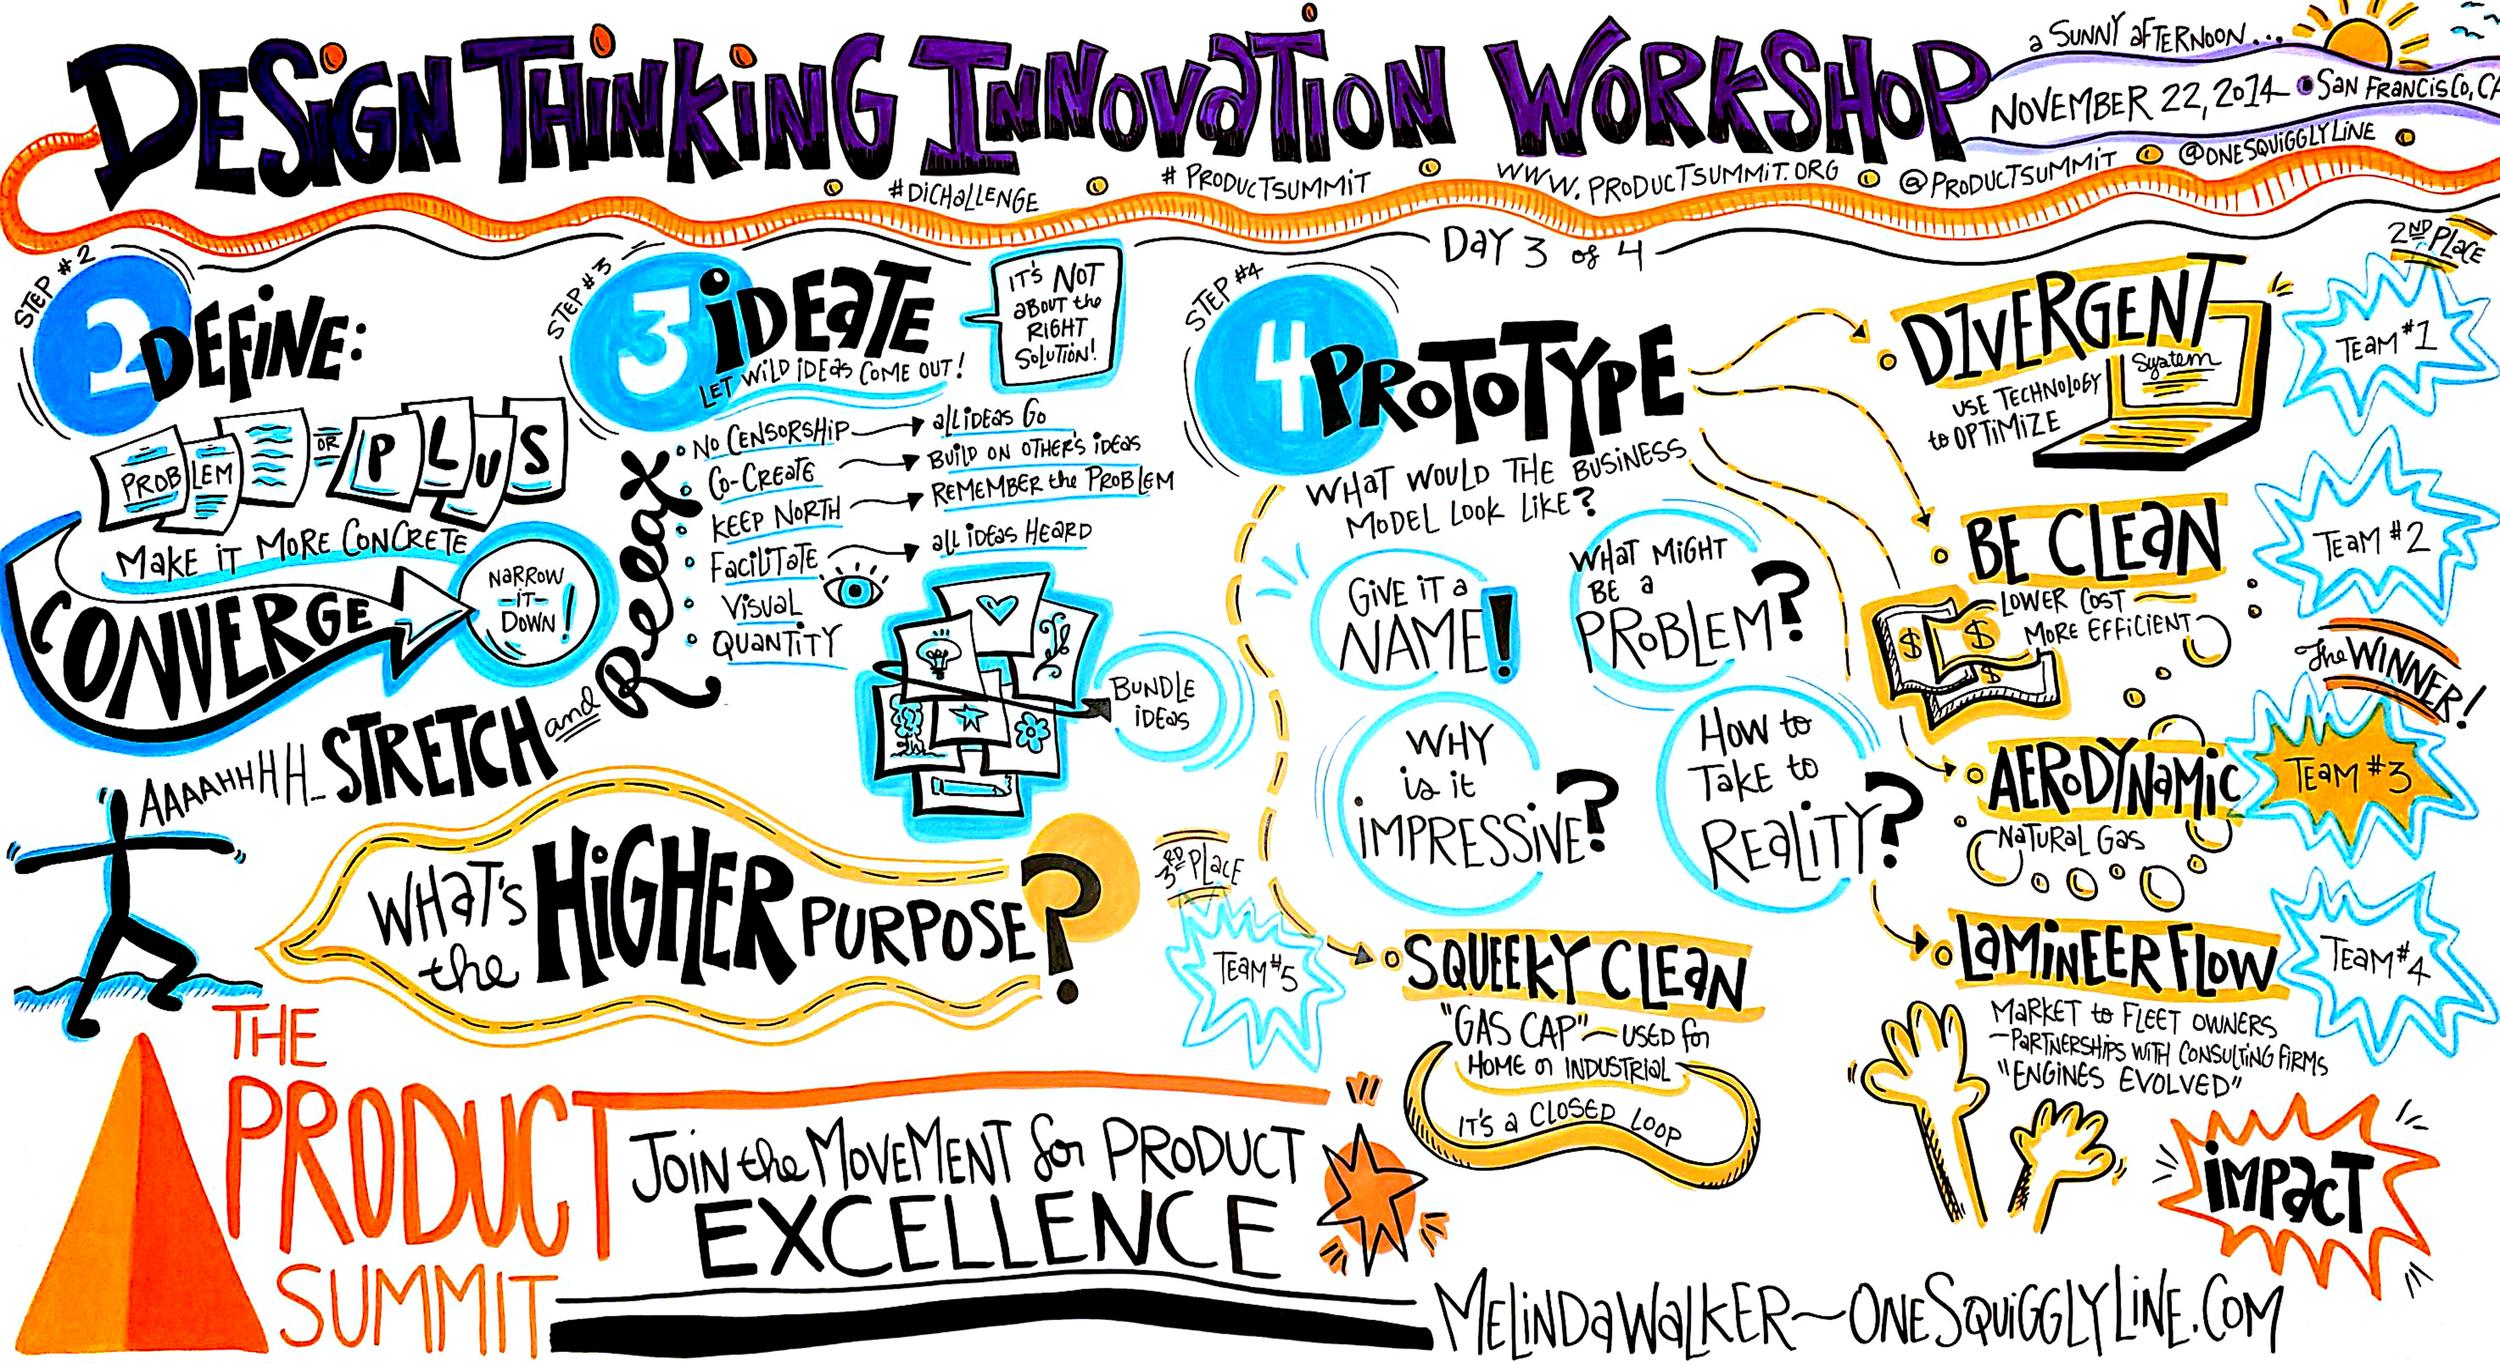 TheProductSummit_DesignThinkingInovationWorkshop_Afternoon_MelindaWalker_OneSquigglyLine